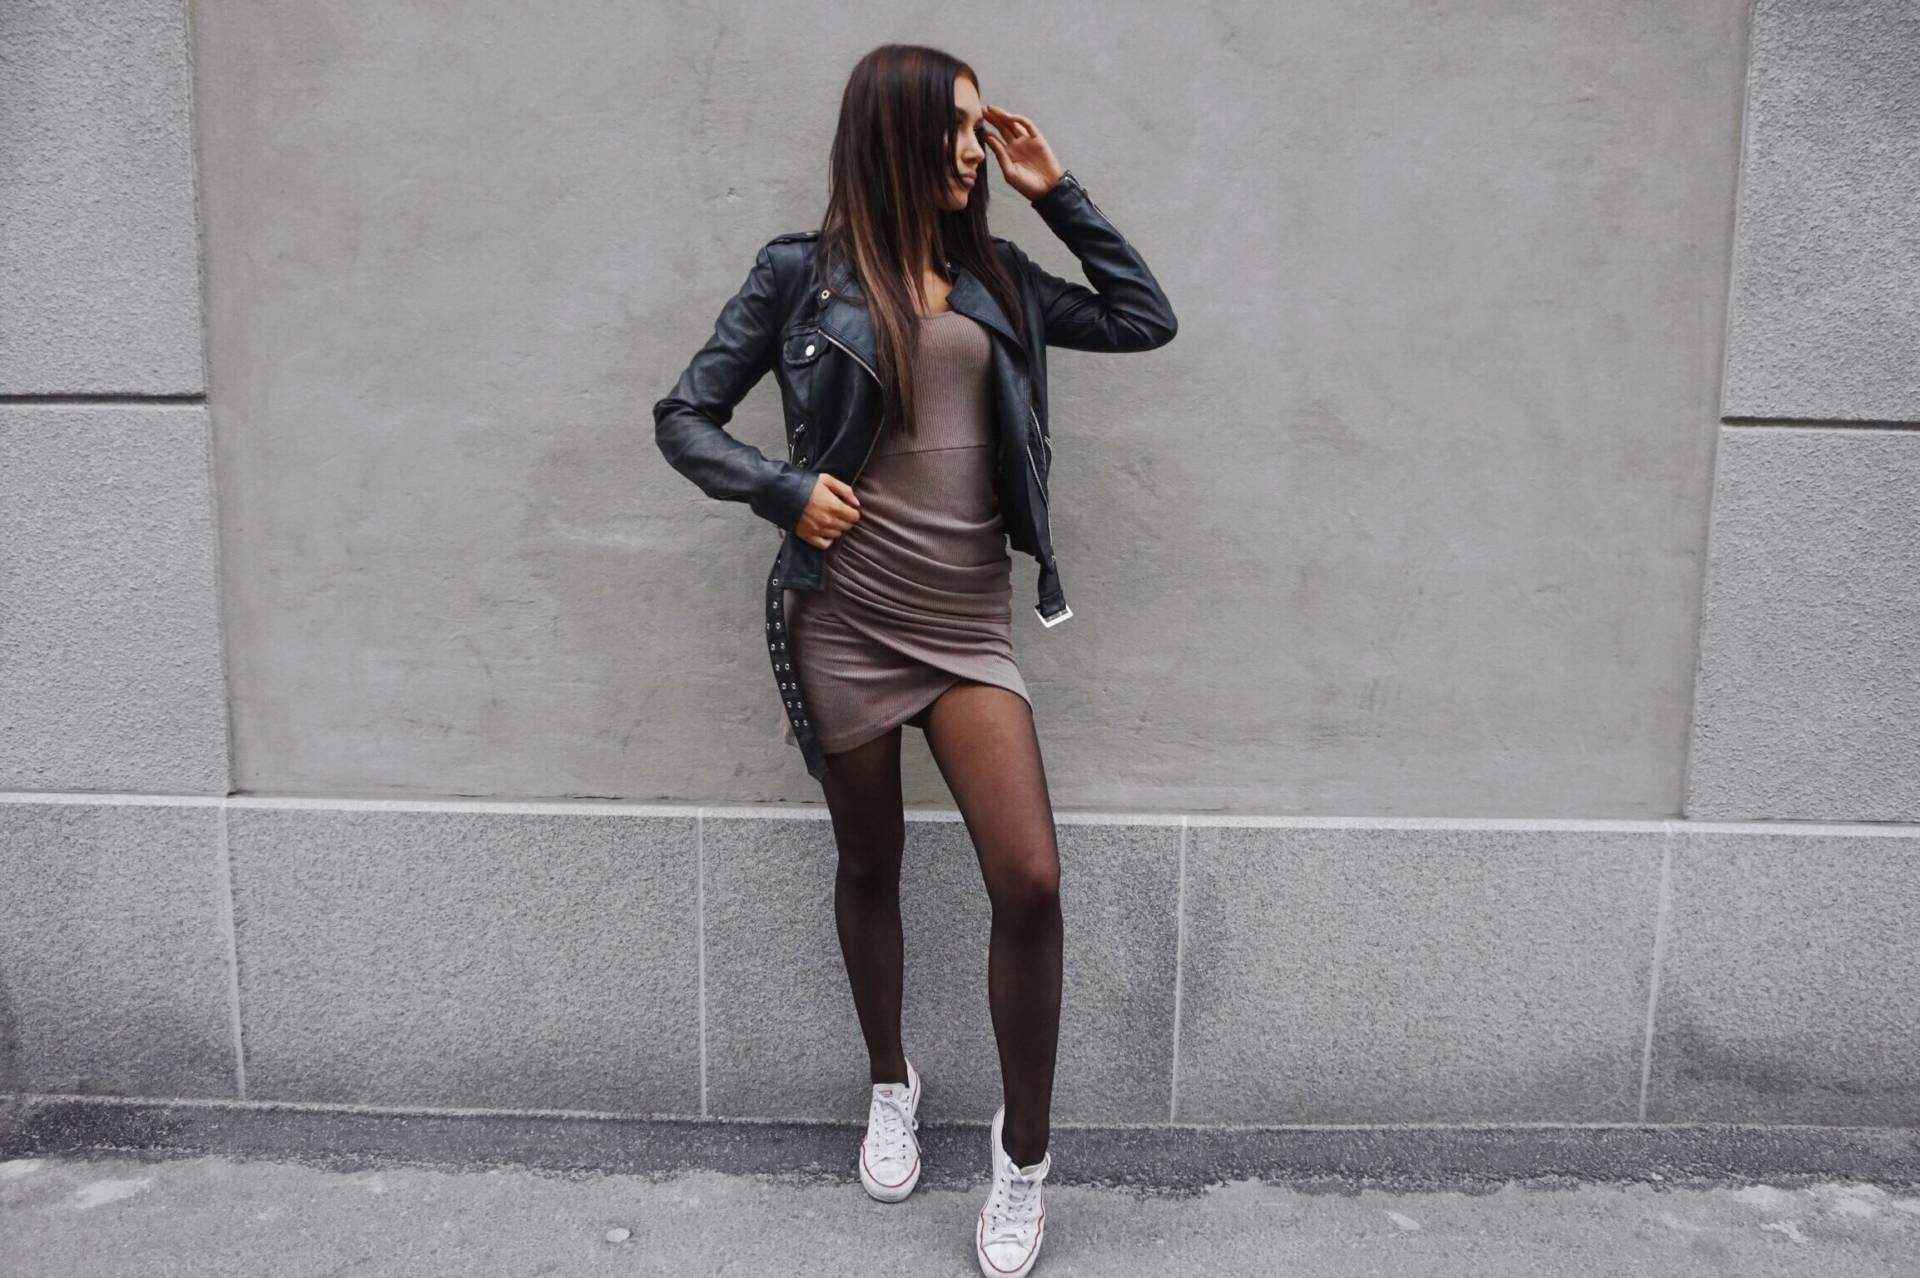 d43414469788 Dress – chiquelle.com / jacket – vero Moda / shoes – converse